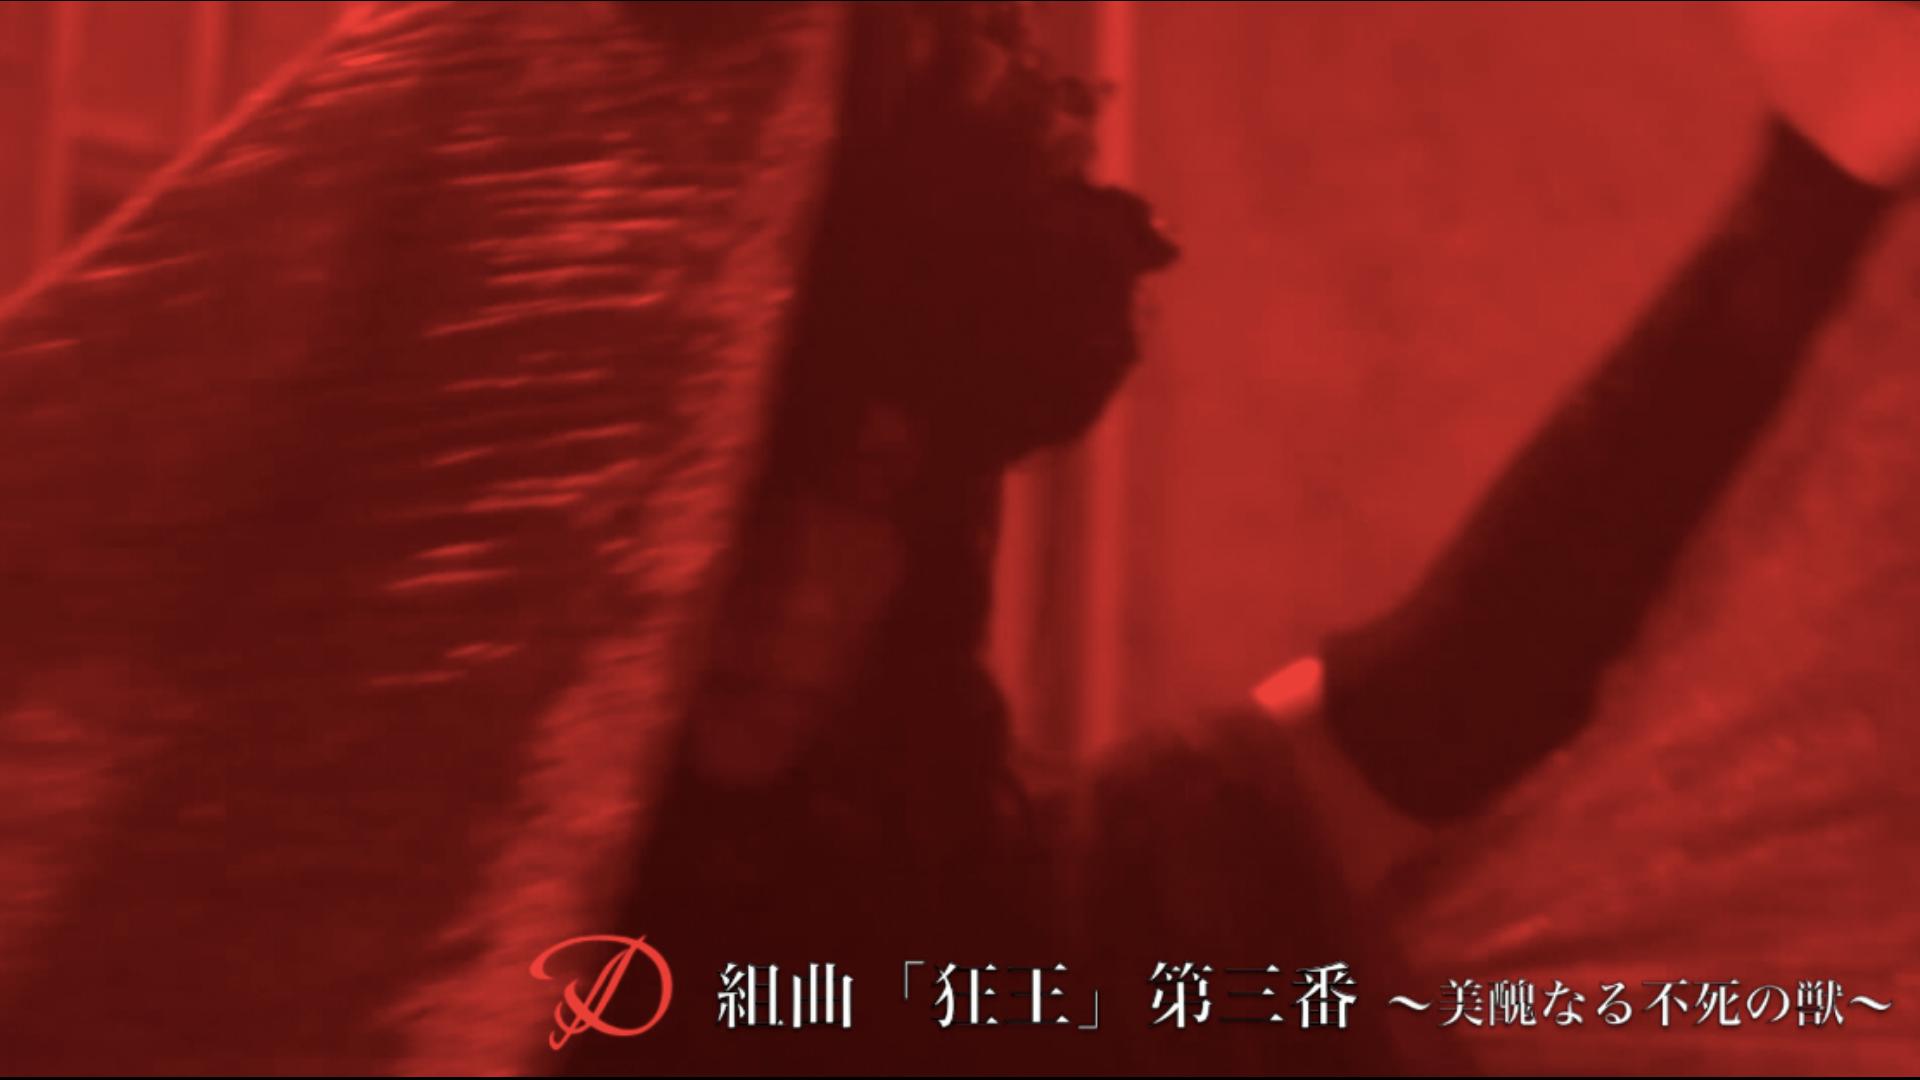 組曲「狂王」第三番 ~美醜なる不死の獣~